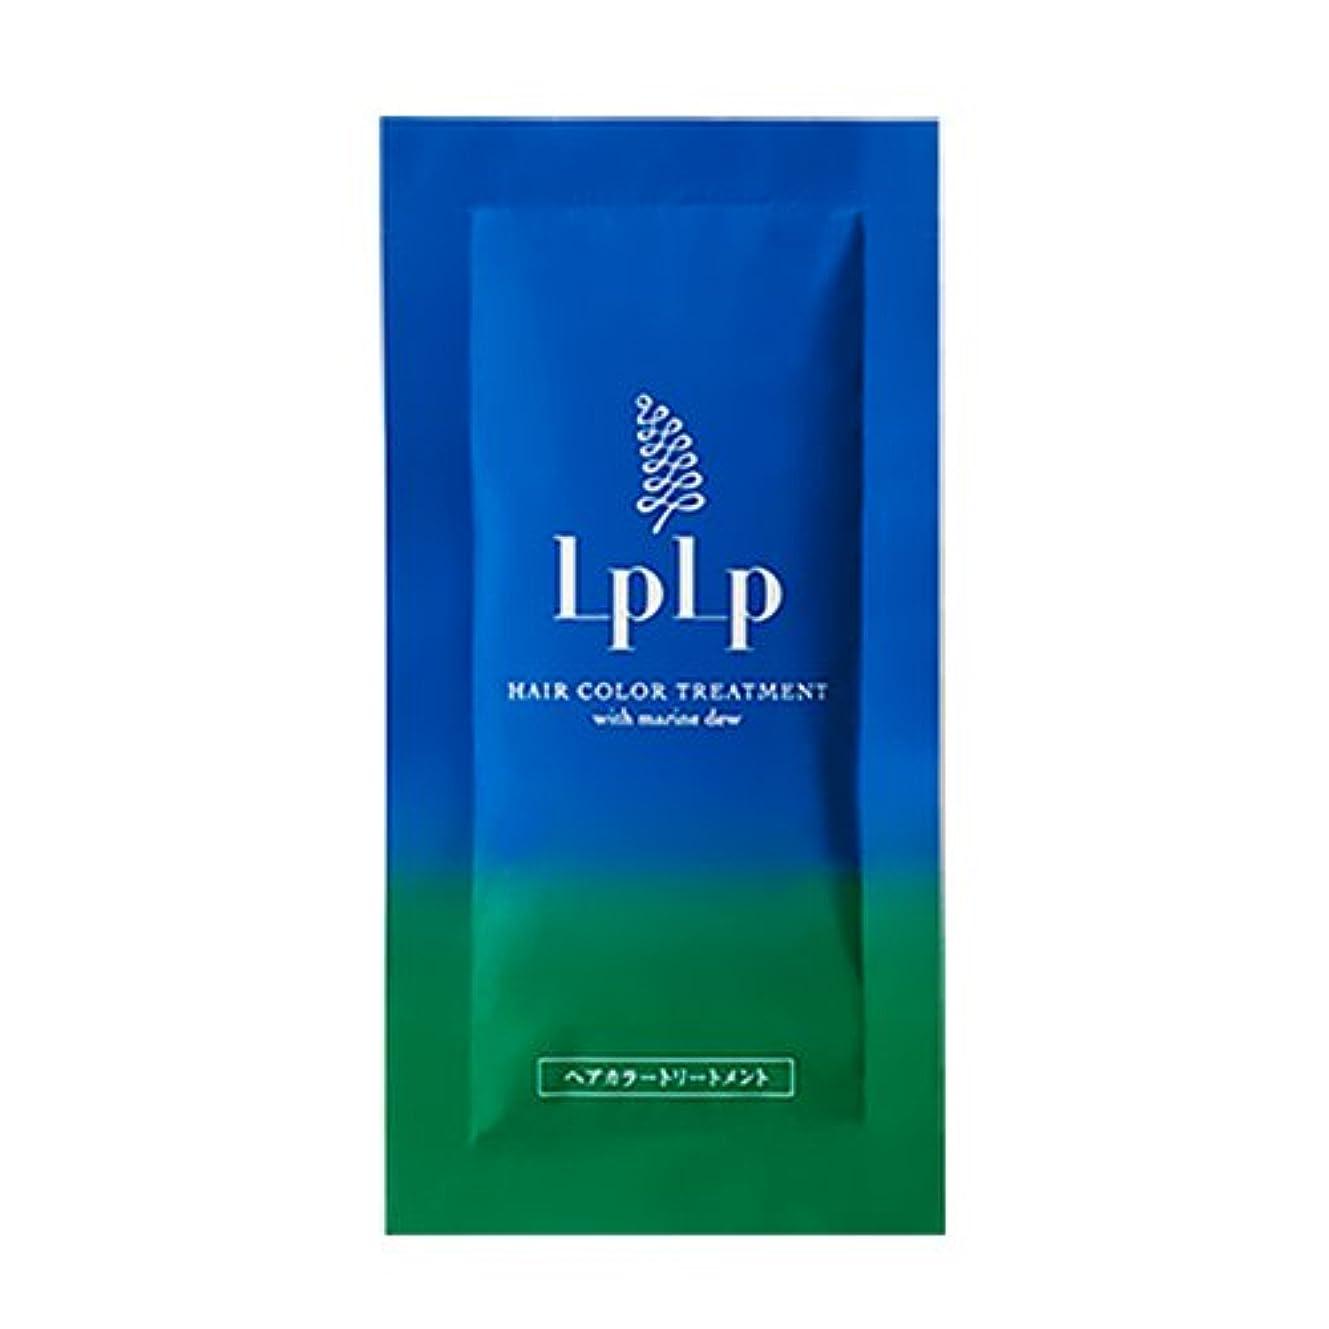 ケープ合併症良さLPLP(ルプルプ)ヘアカラートリートメントお試しパウチ ソフトブラック